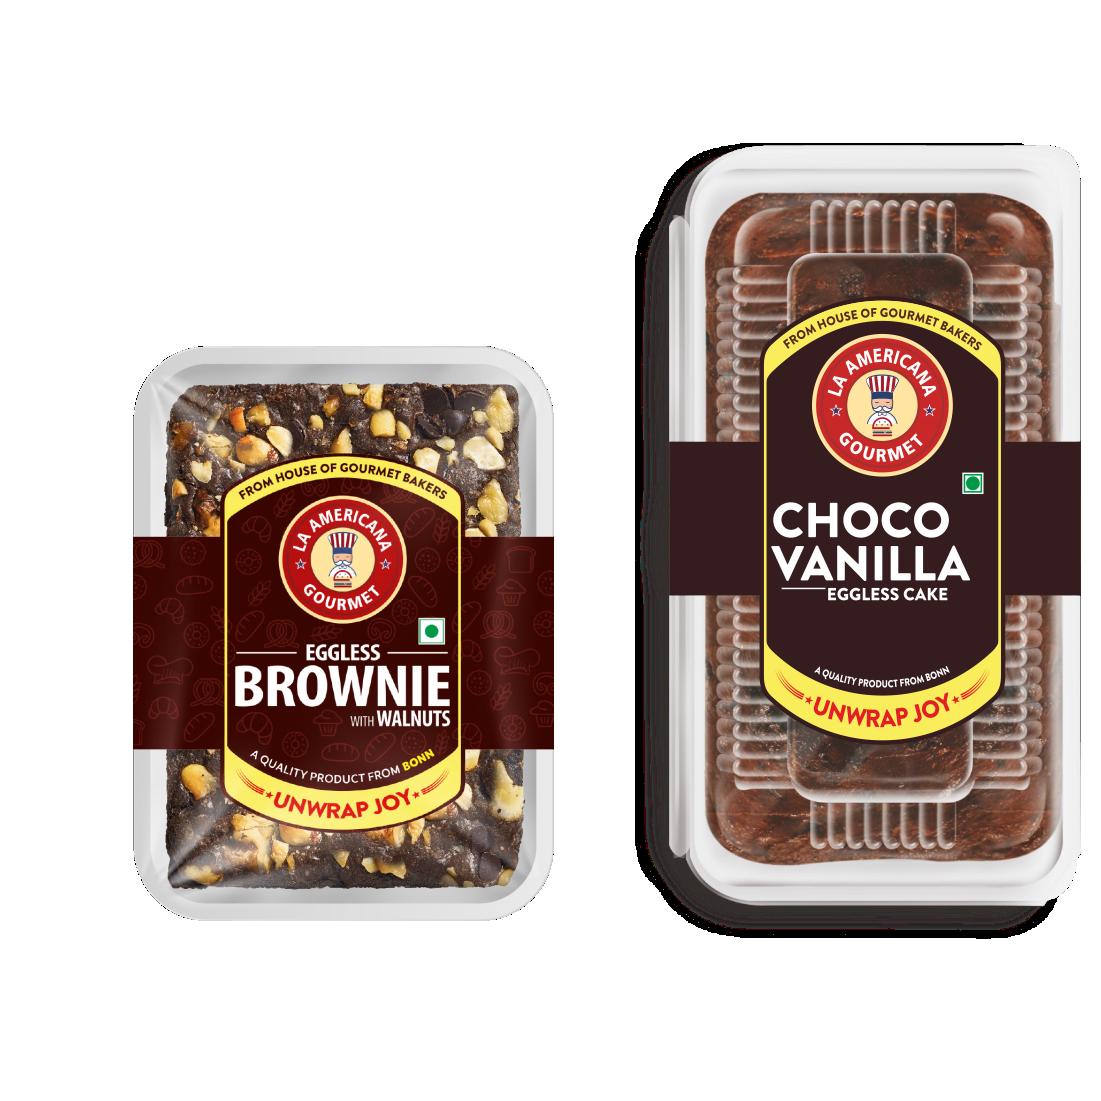 LA Americana Eggless Walnut Brownie 70g and Eggless Choco Vanilla Cake 200g (2 Packs Each)